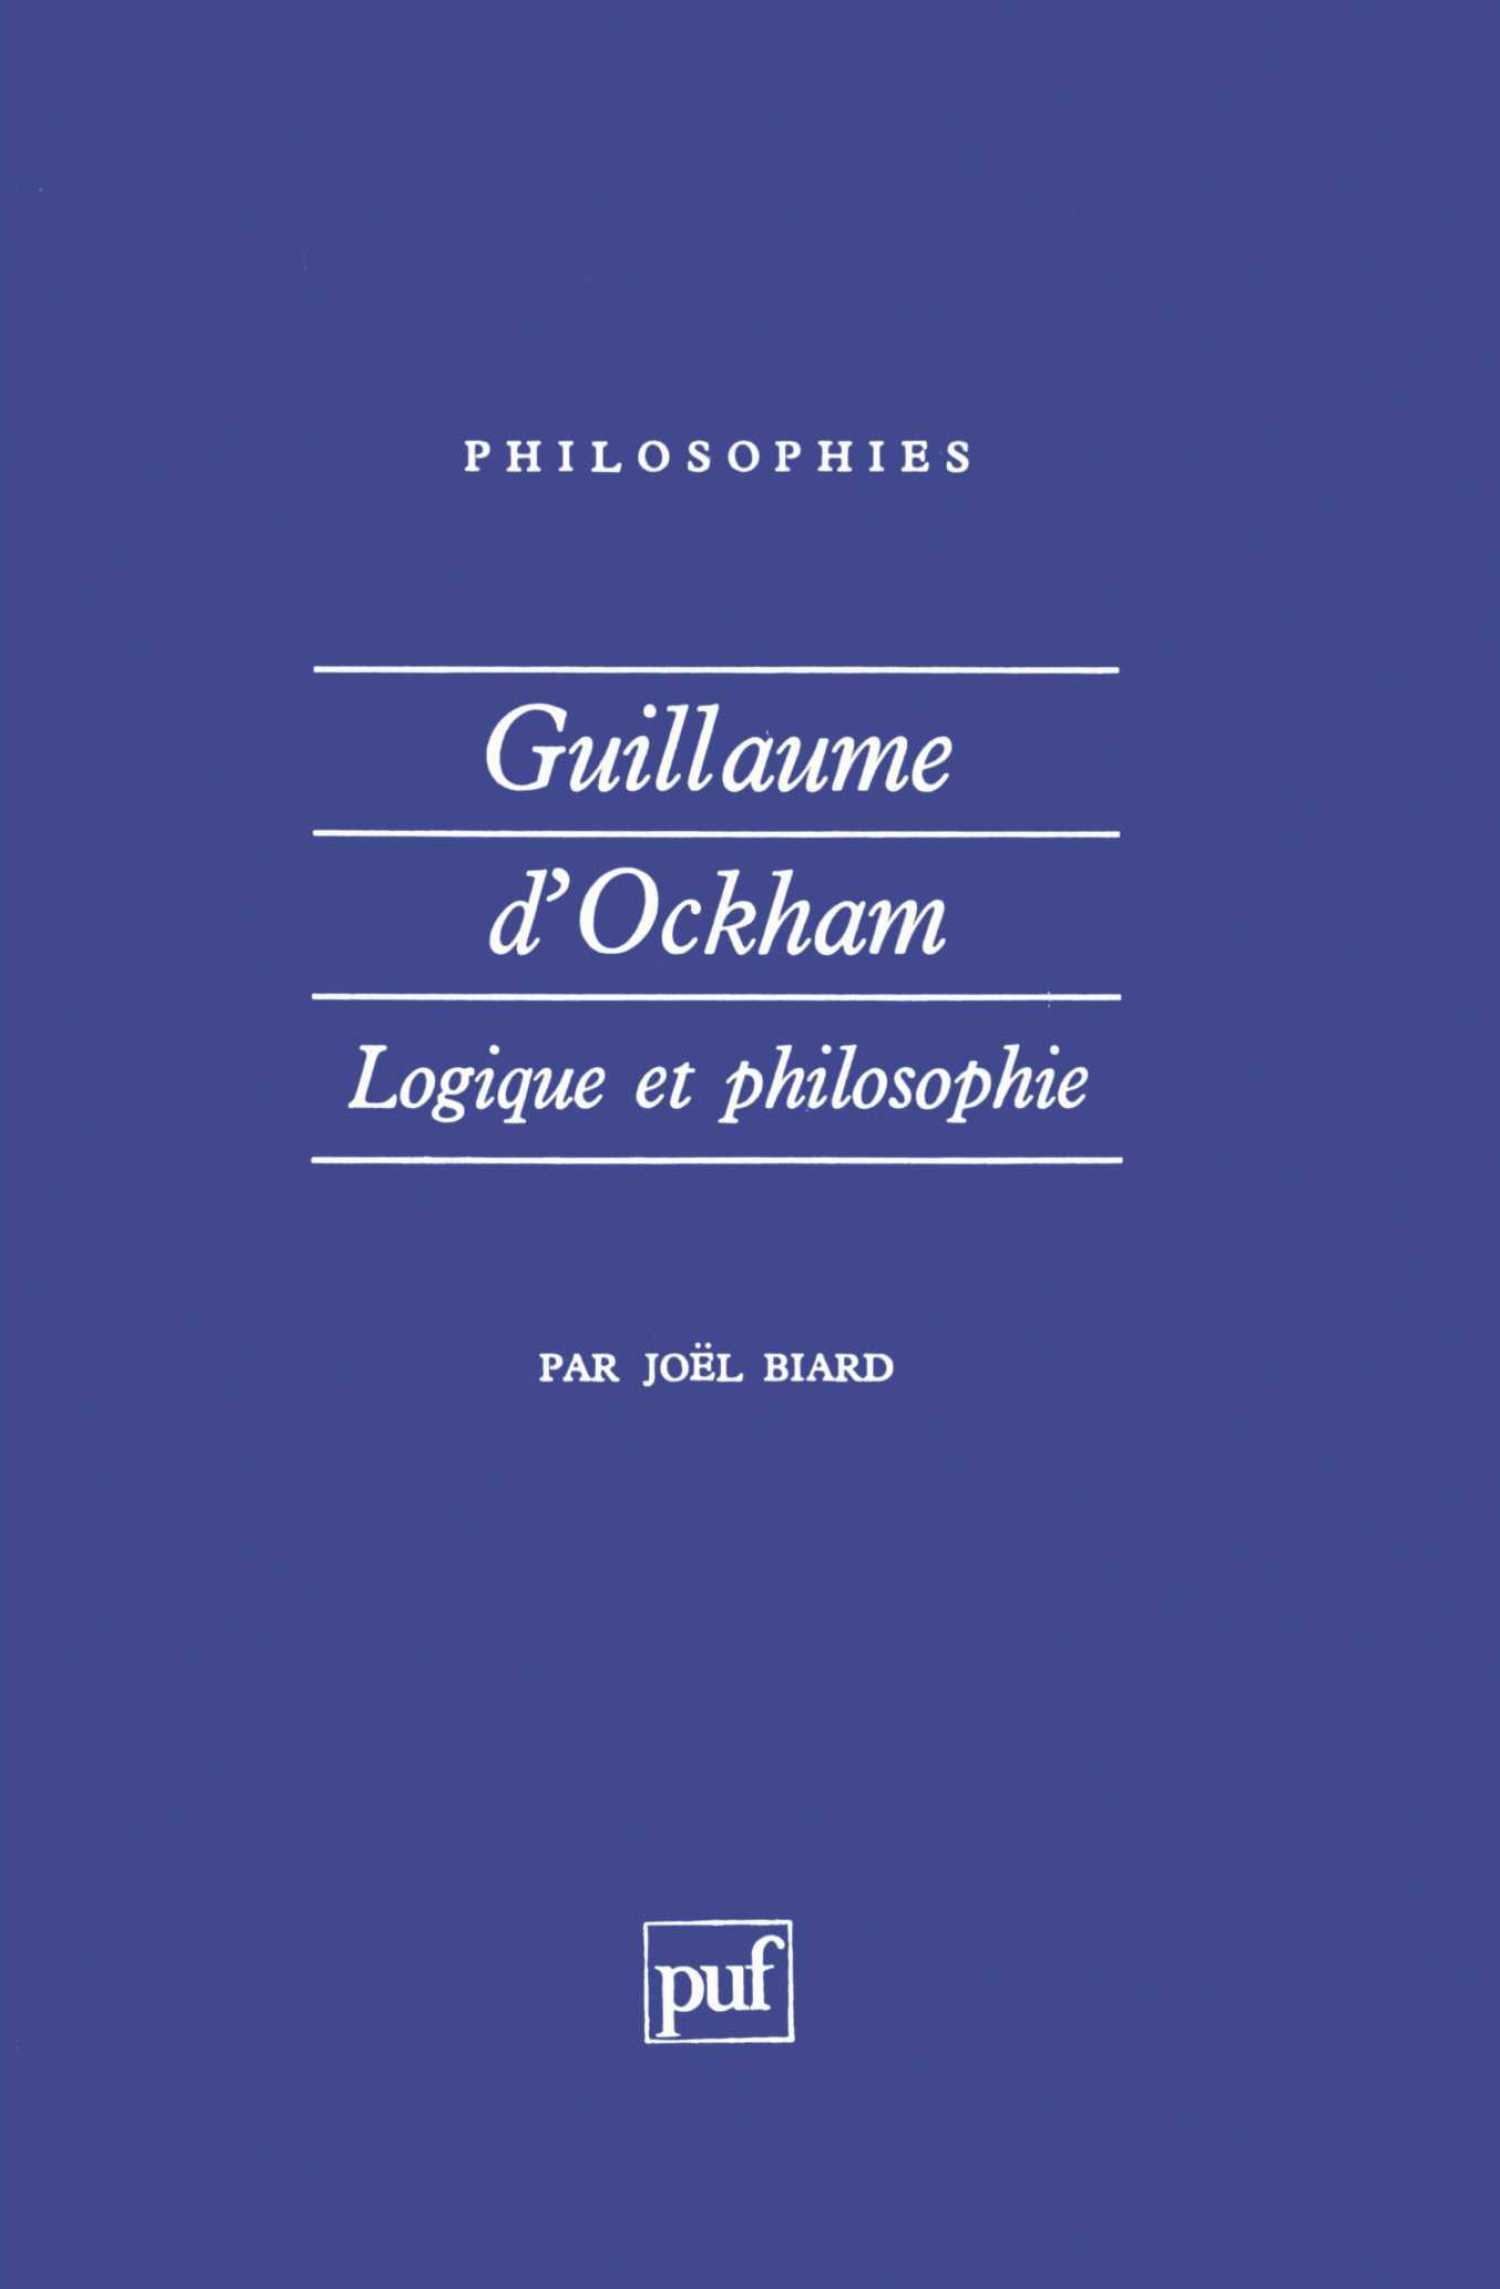 """Résultat de recherche d'images pour """"Guillaume d'Ockham. Logique et philosophie - Joel Biard"""""""